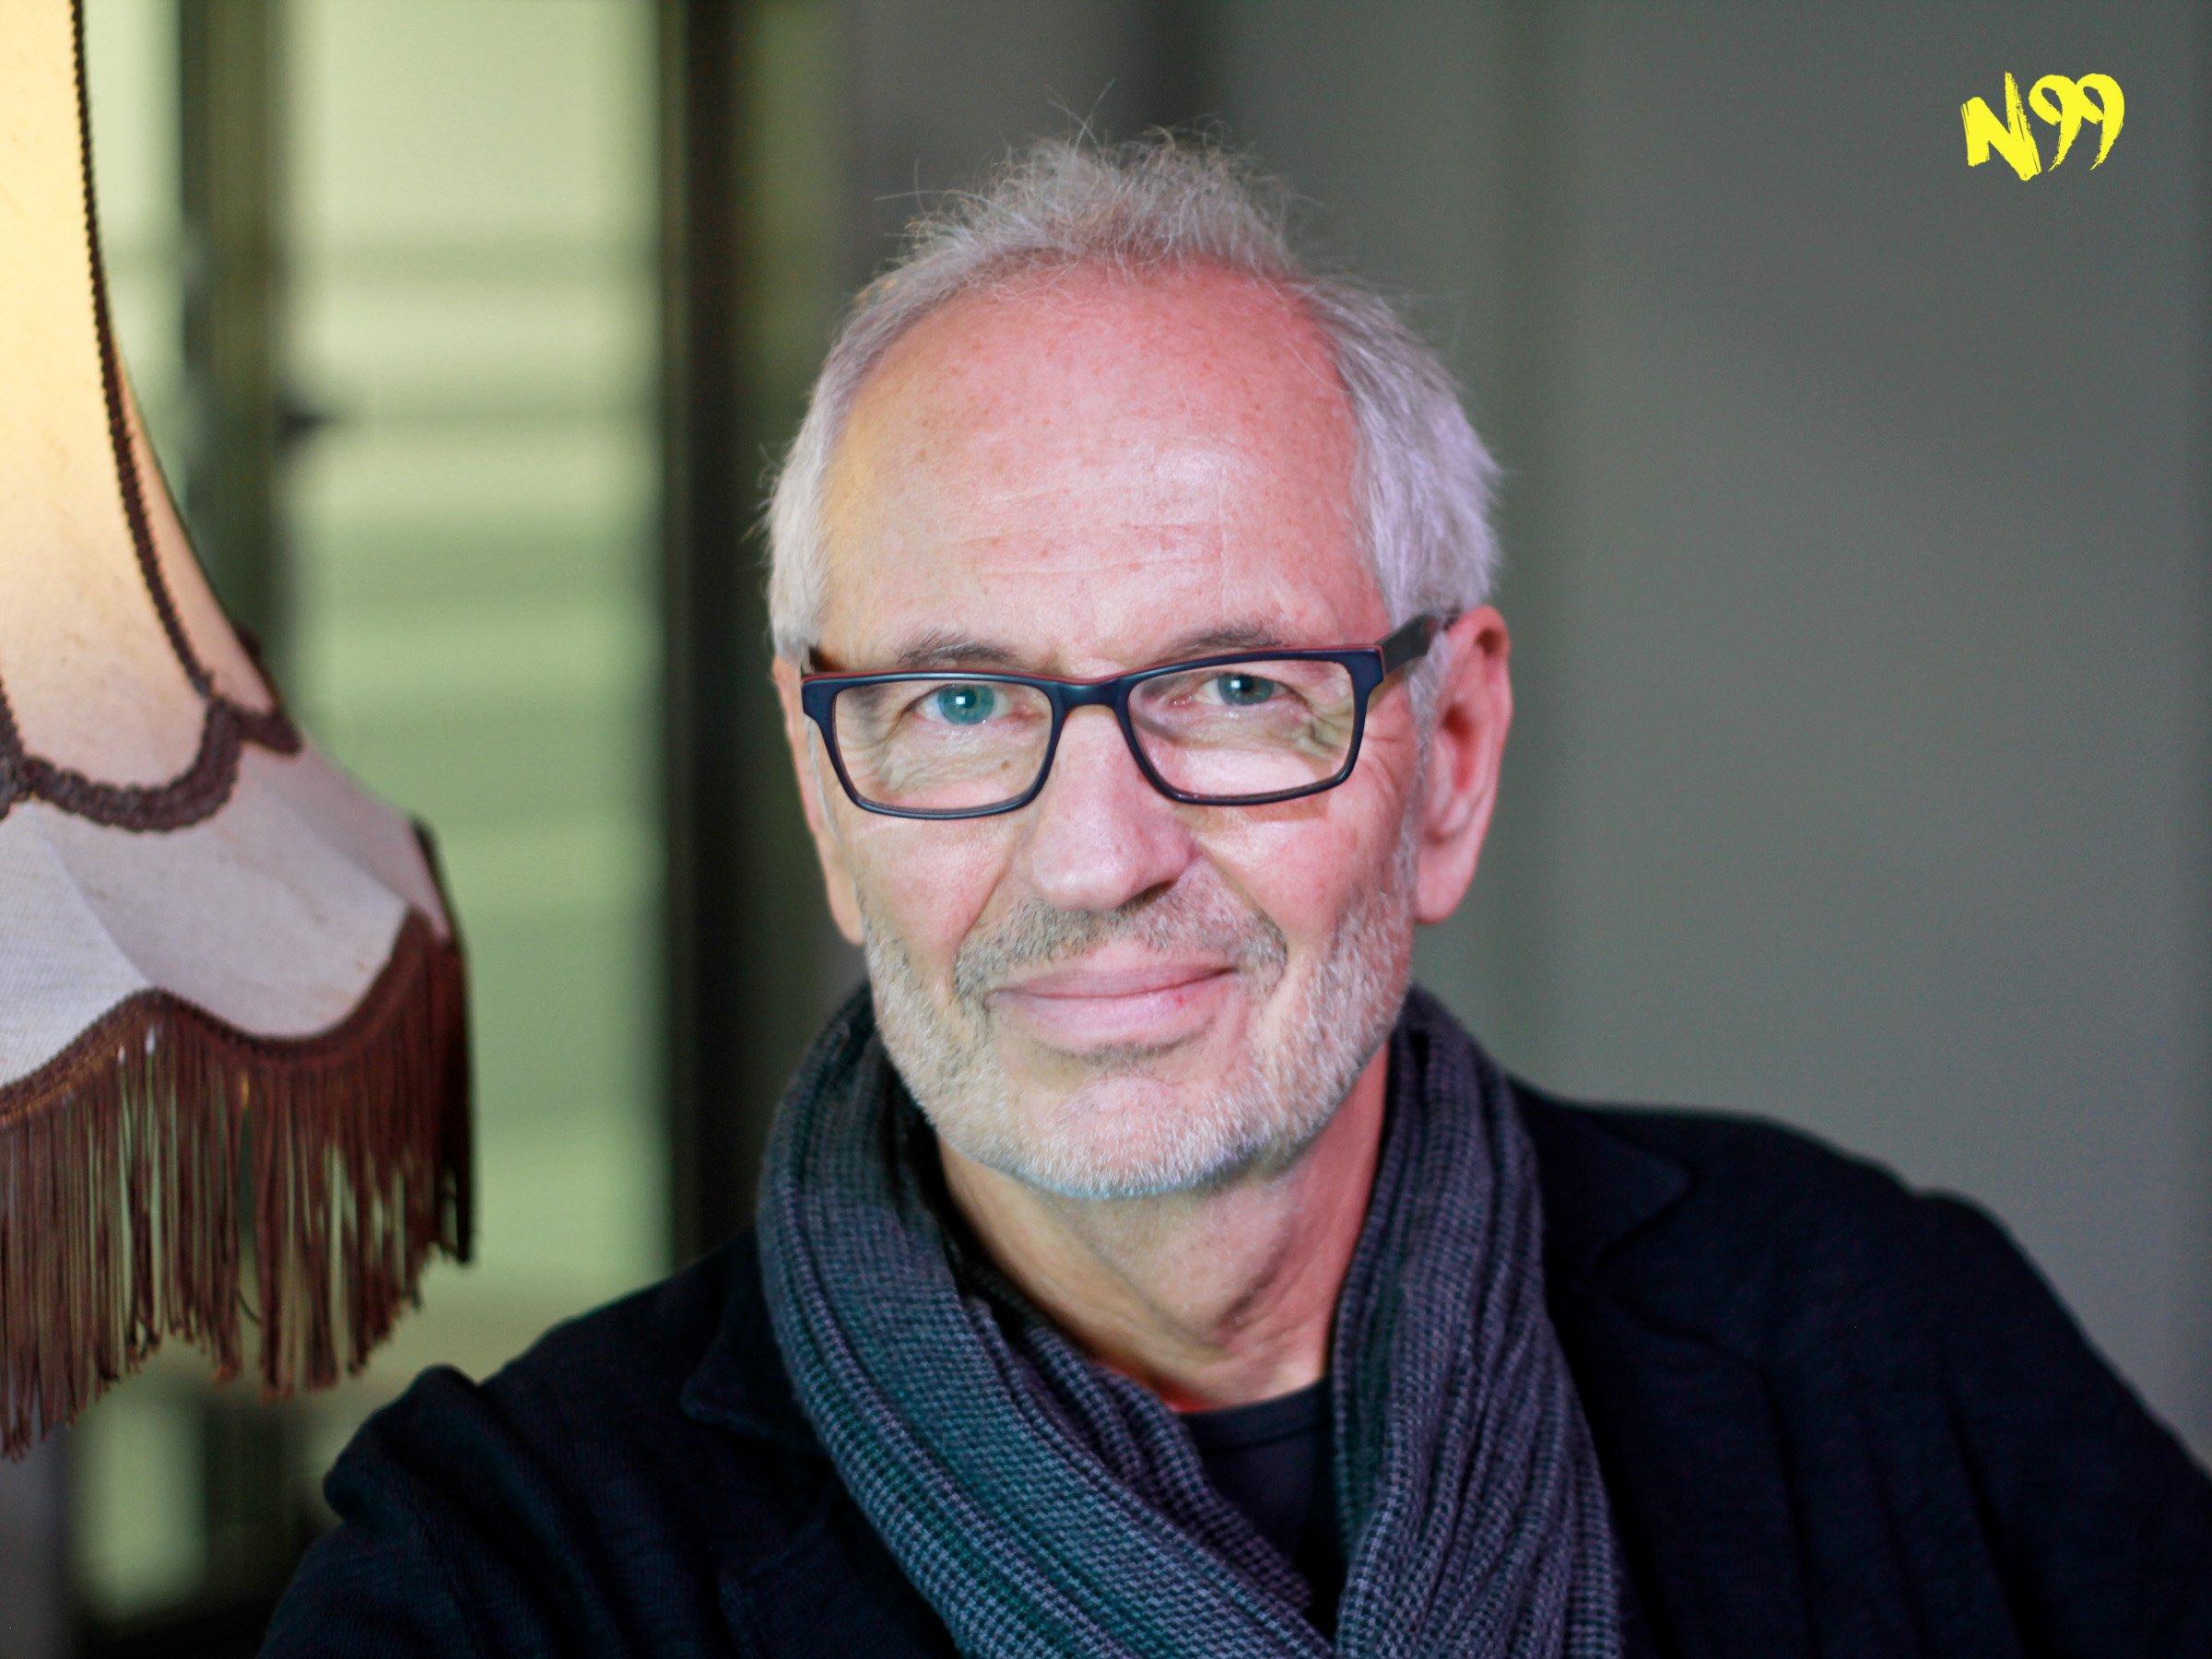 """N99   Eugen Ruge über das Schweigen einer Generation – """"Wie funktioniert Ideologie?""""   detektor.fm"""